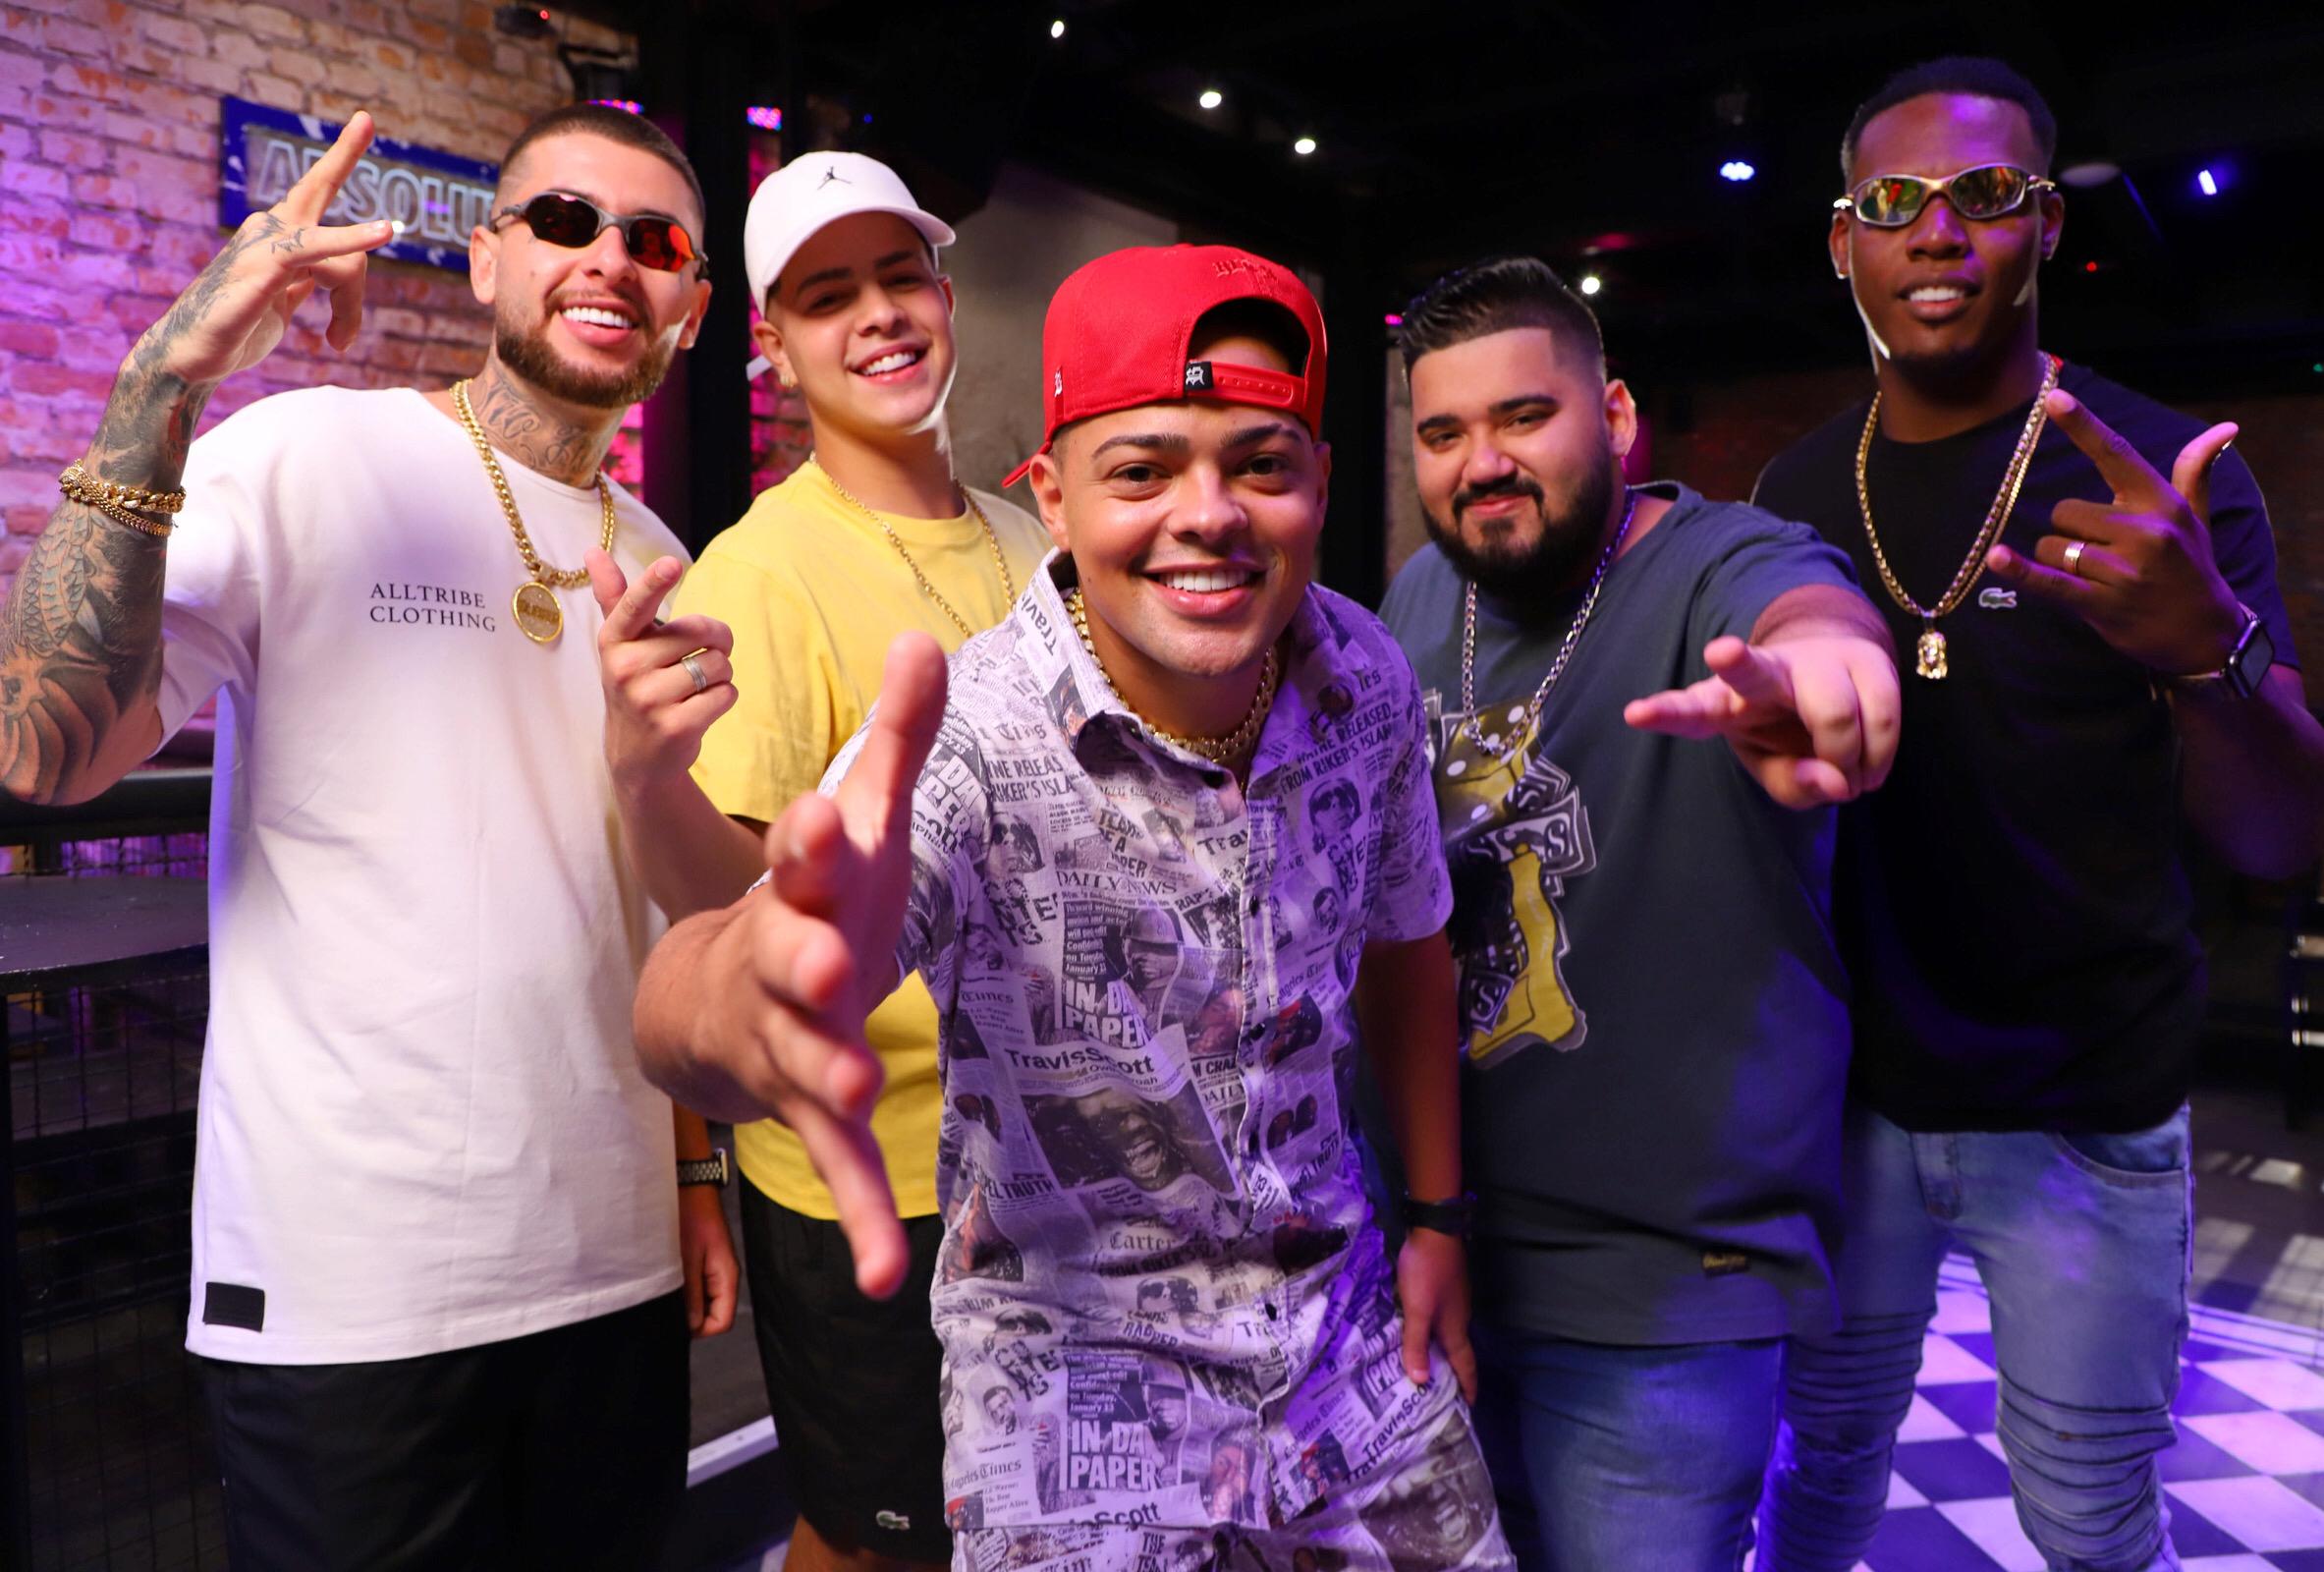 """Os MCs Kekel, Jottapê, M10 e Hollywood gravam videoclipe da nova faixa """"Arrasta para cima"""", produzida pelo DJ RD"""